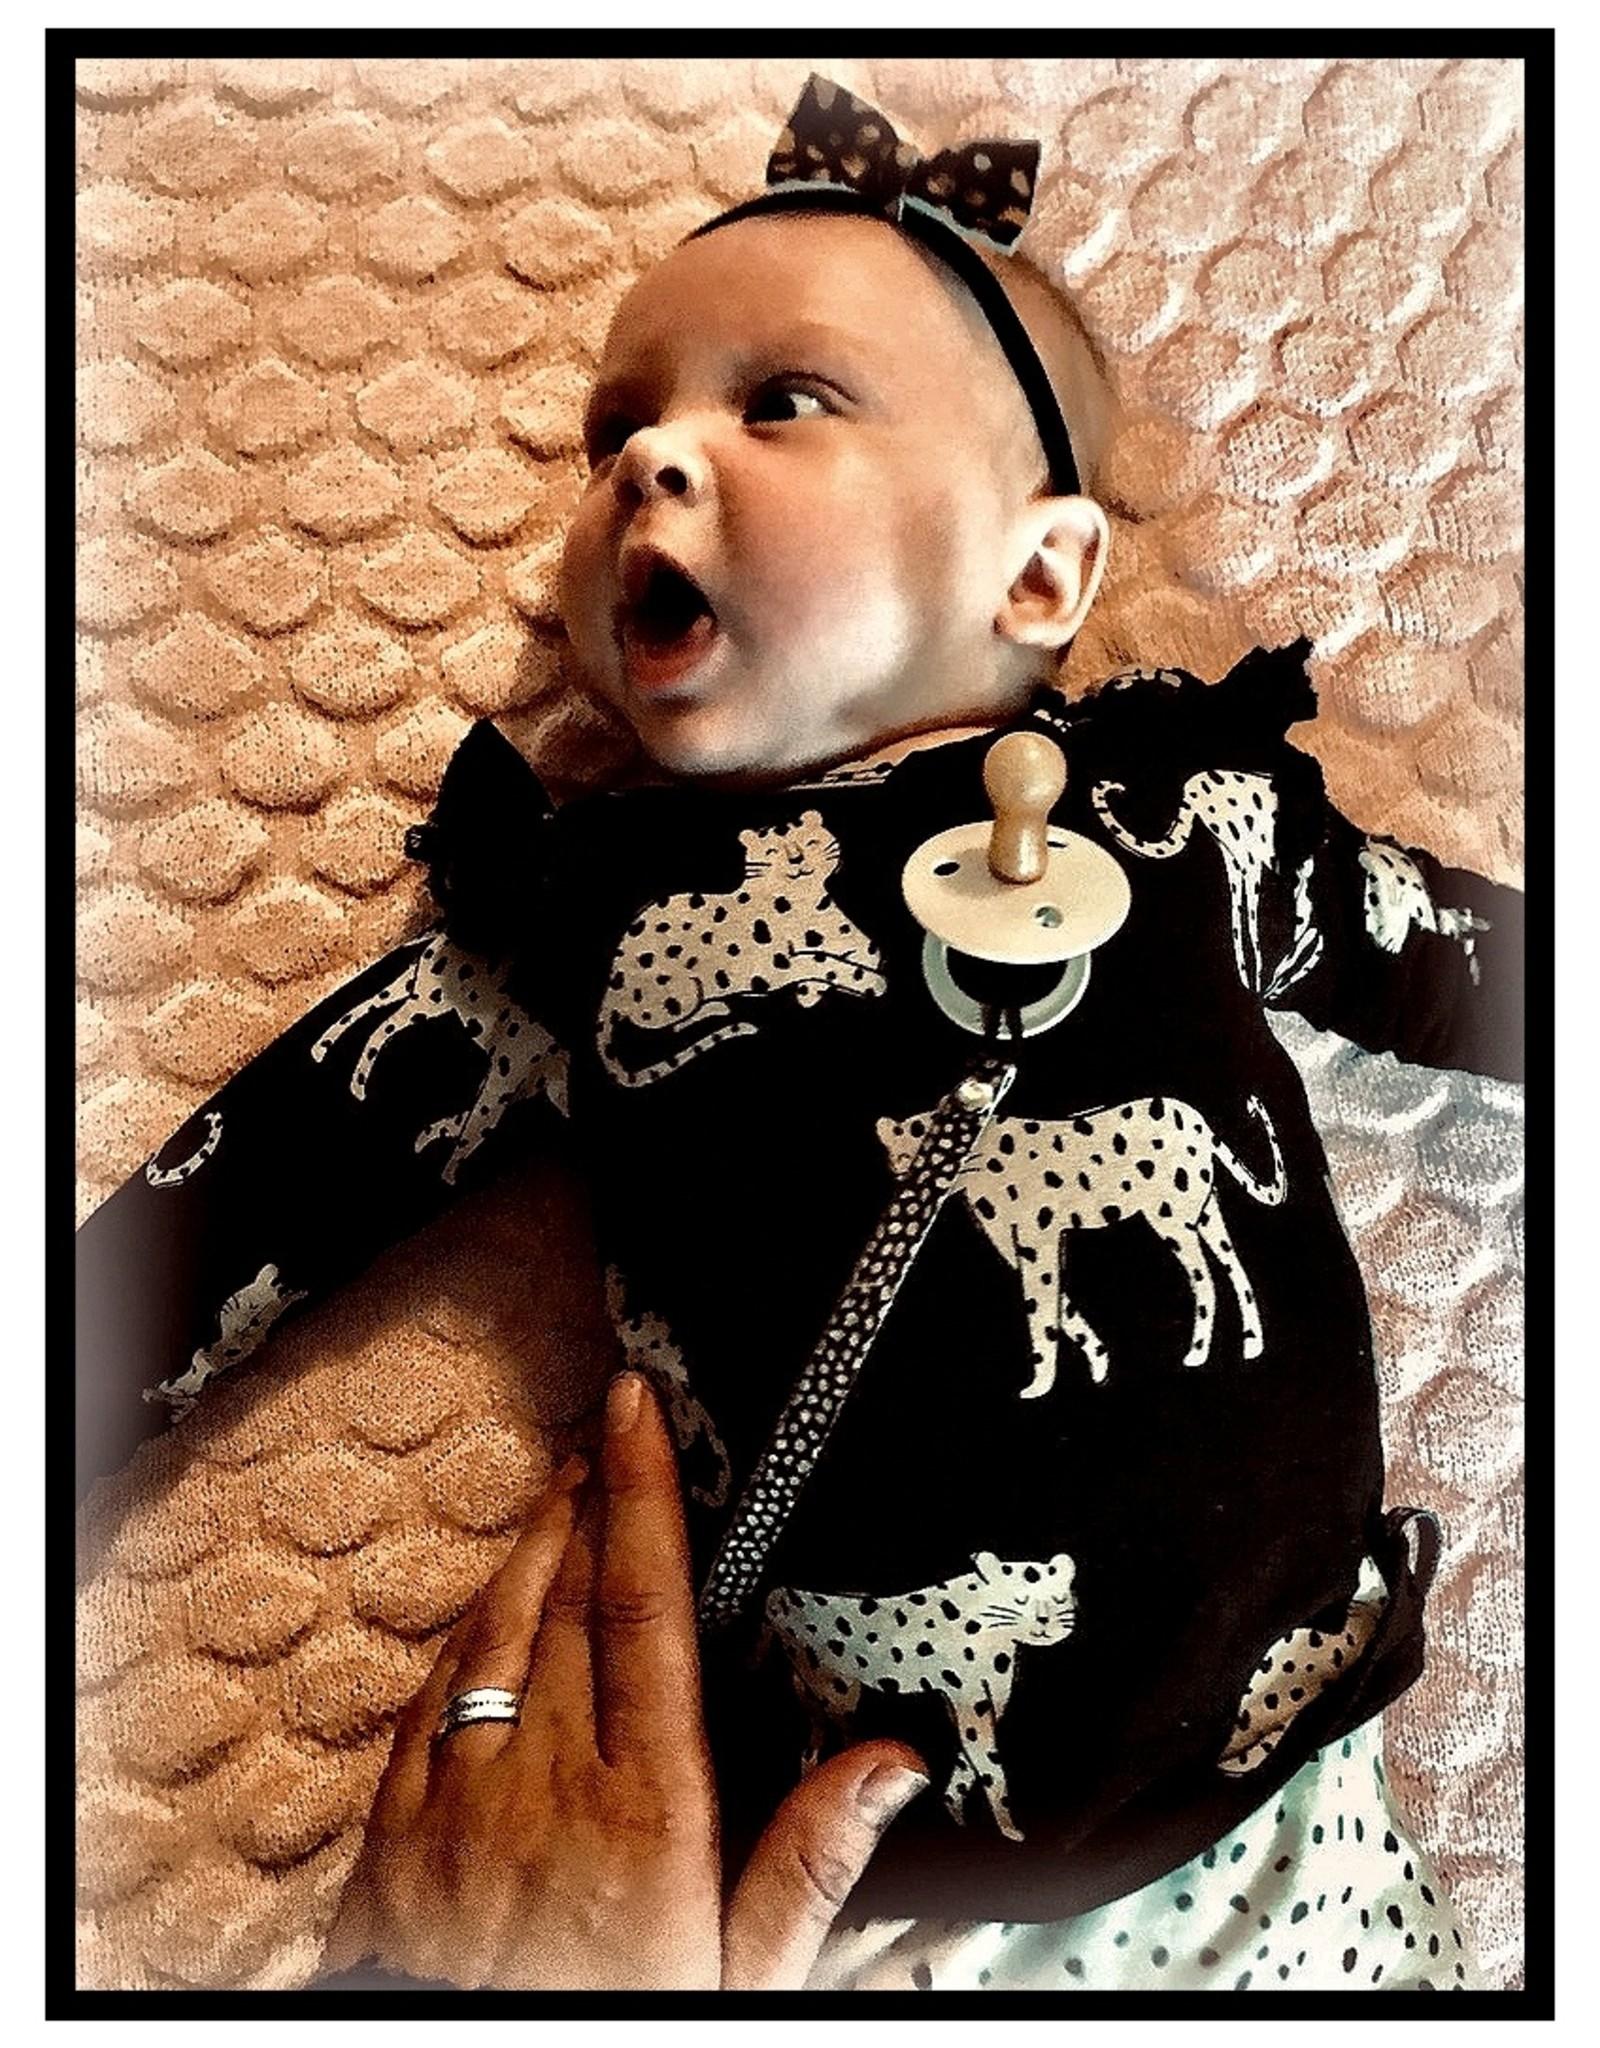 Speenkoord baby